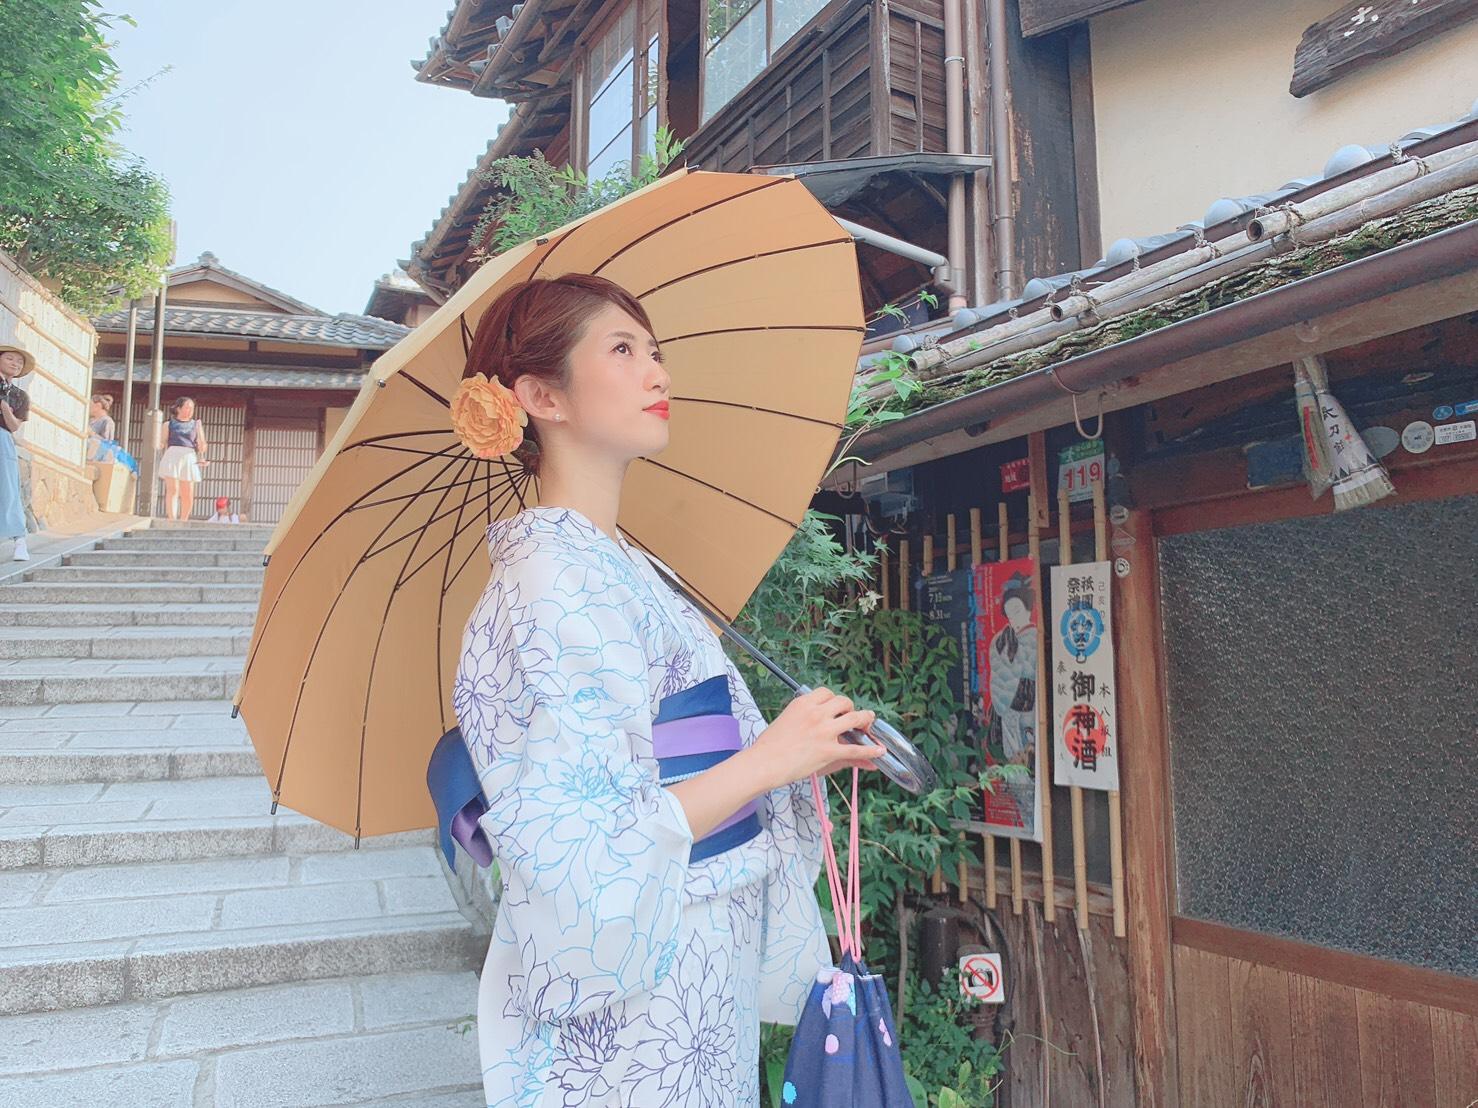 まだやっております!貴船神社 七夕笹飾りライトアップ2019年7月30日1